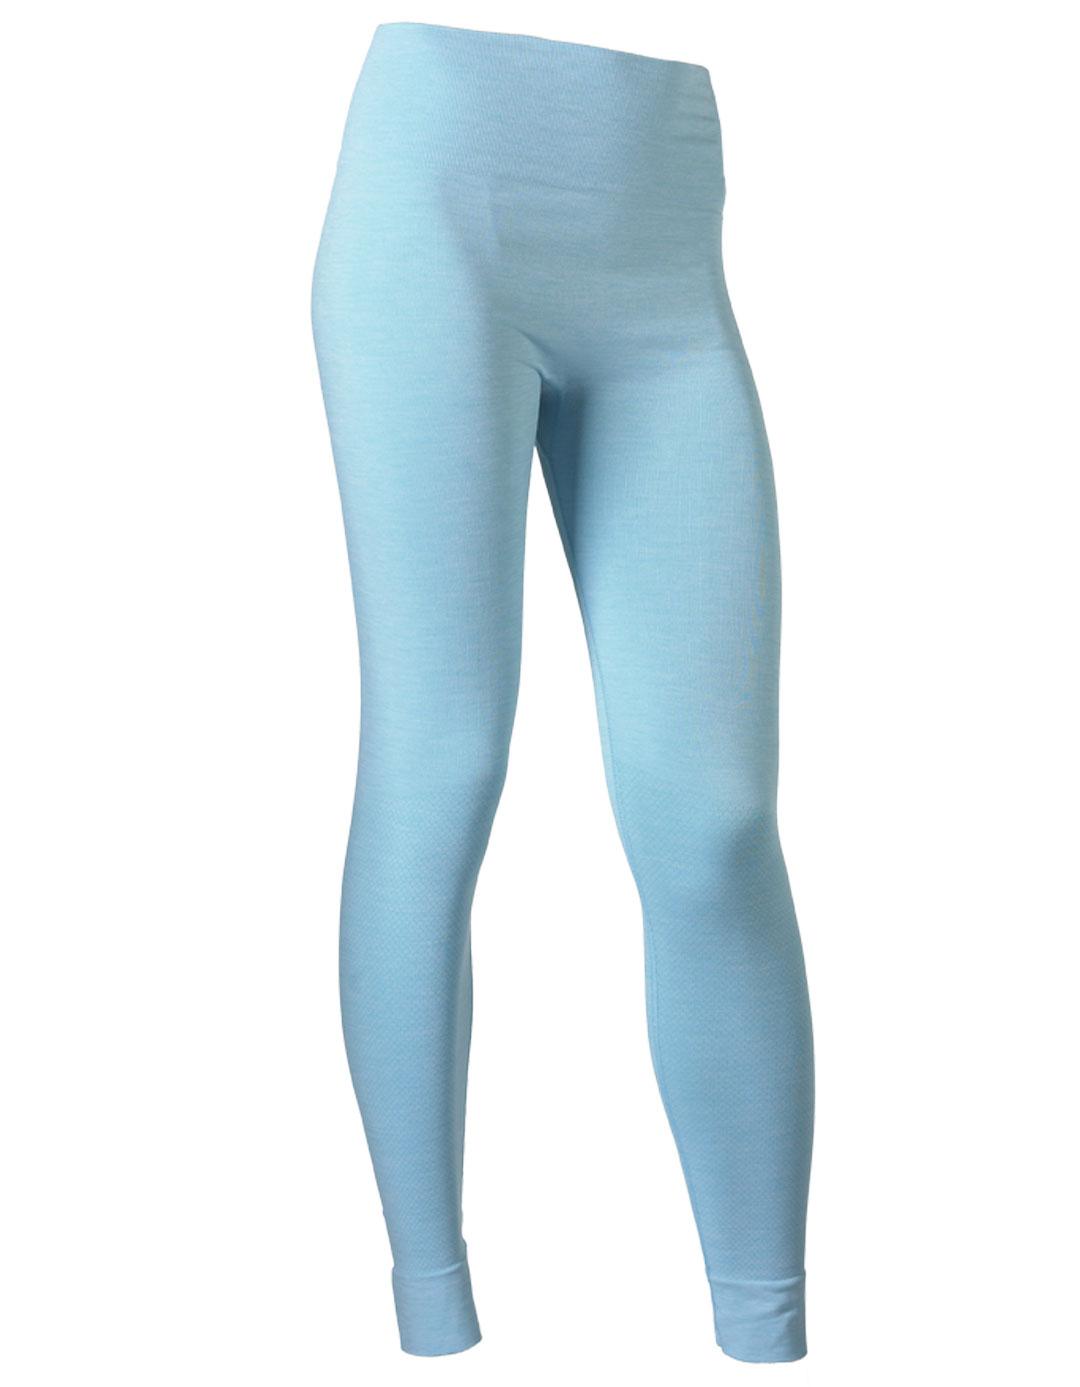 Bandha Yogabukser  -  Turquoise / White -L